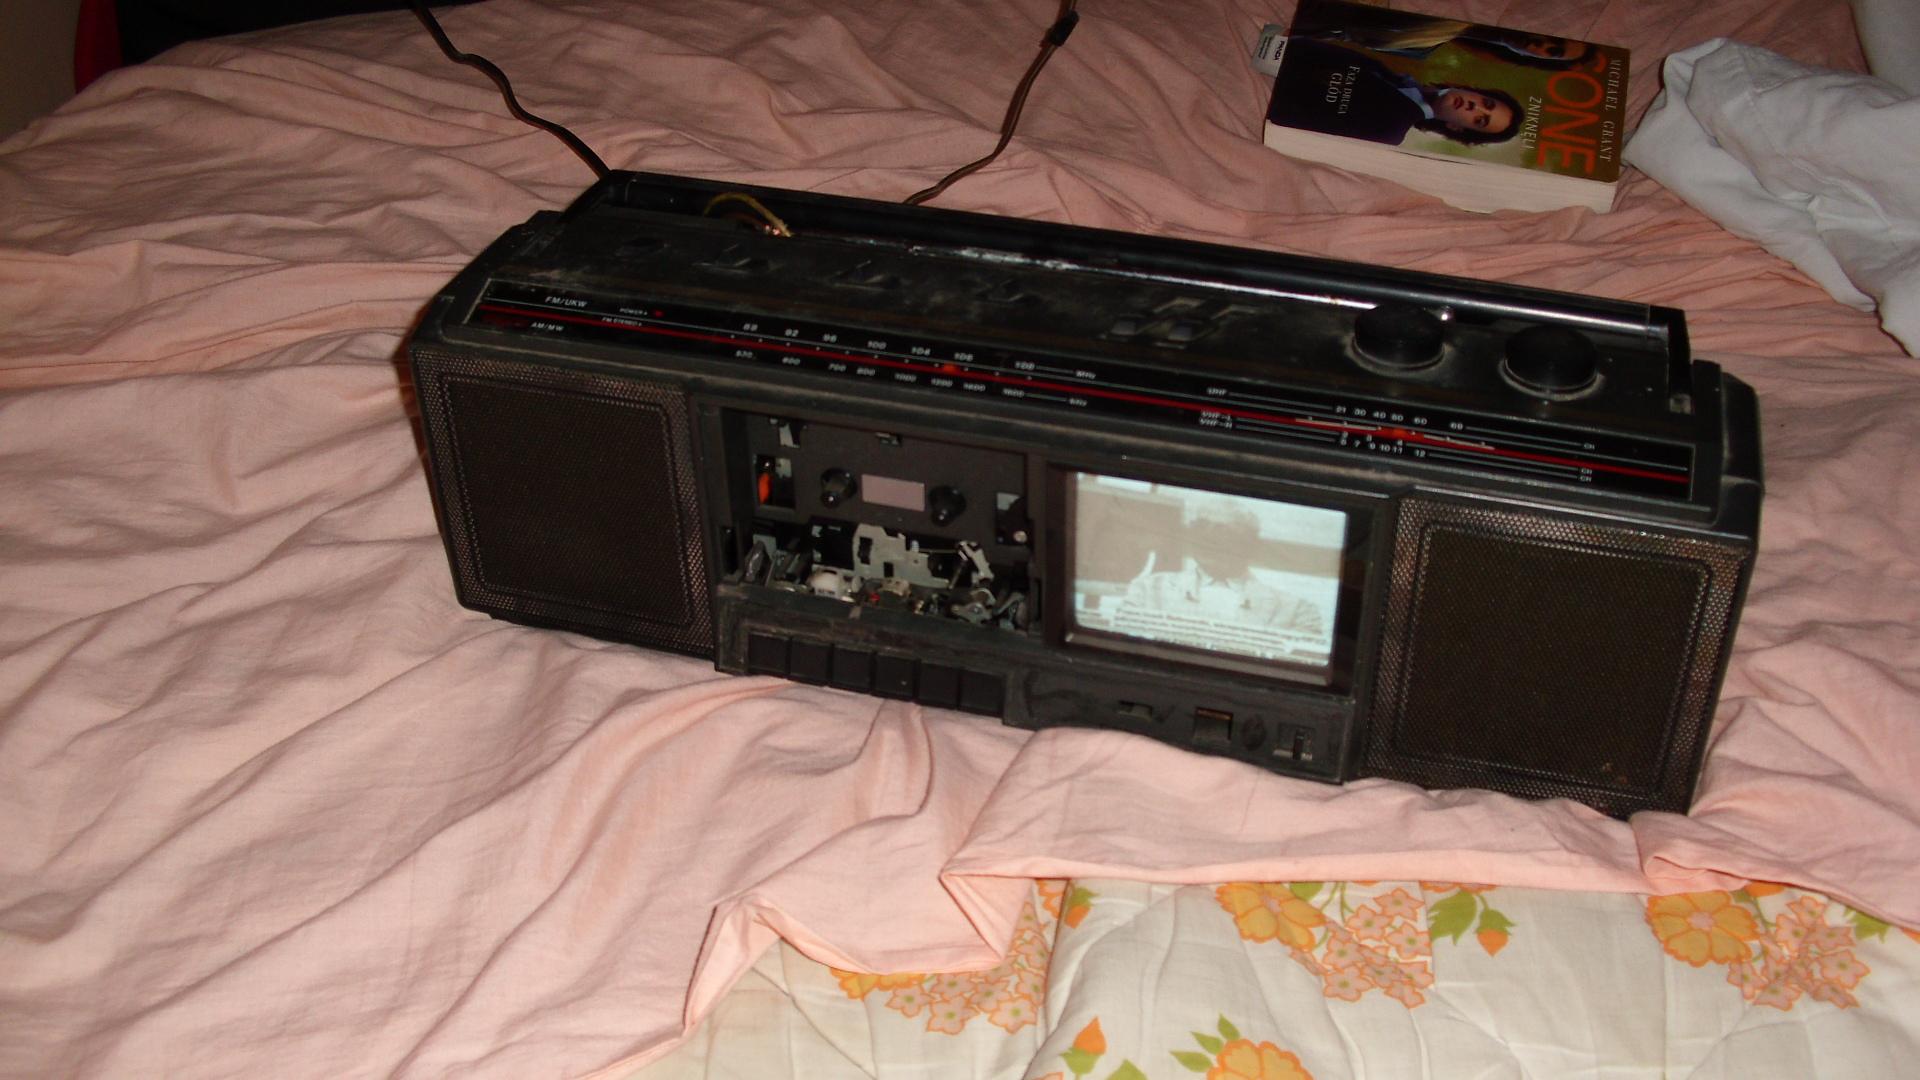 Radiomagnetofon ONWA STR/TV 3318 z��cze antenowe schemat lub jaki typ.